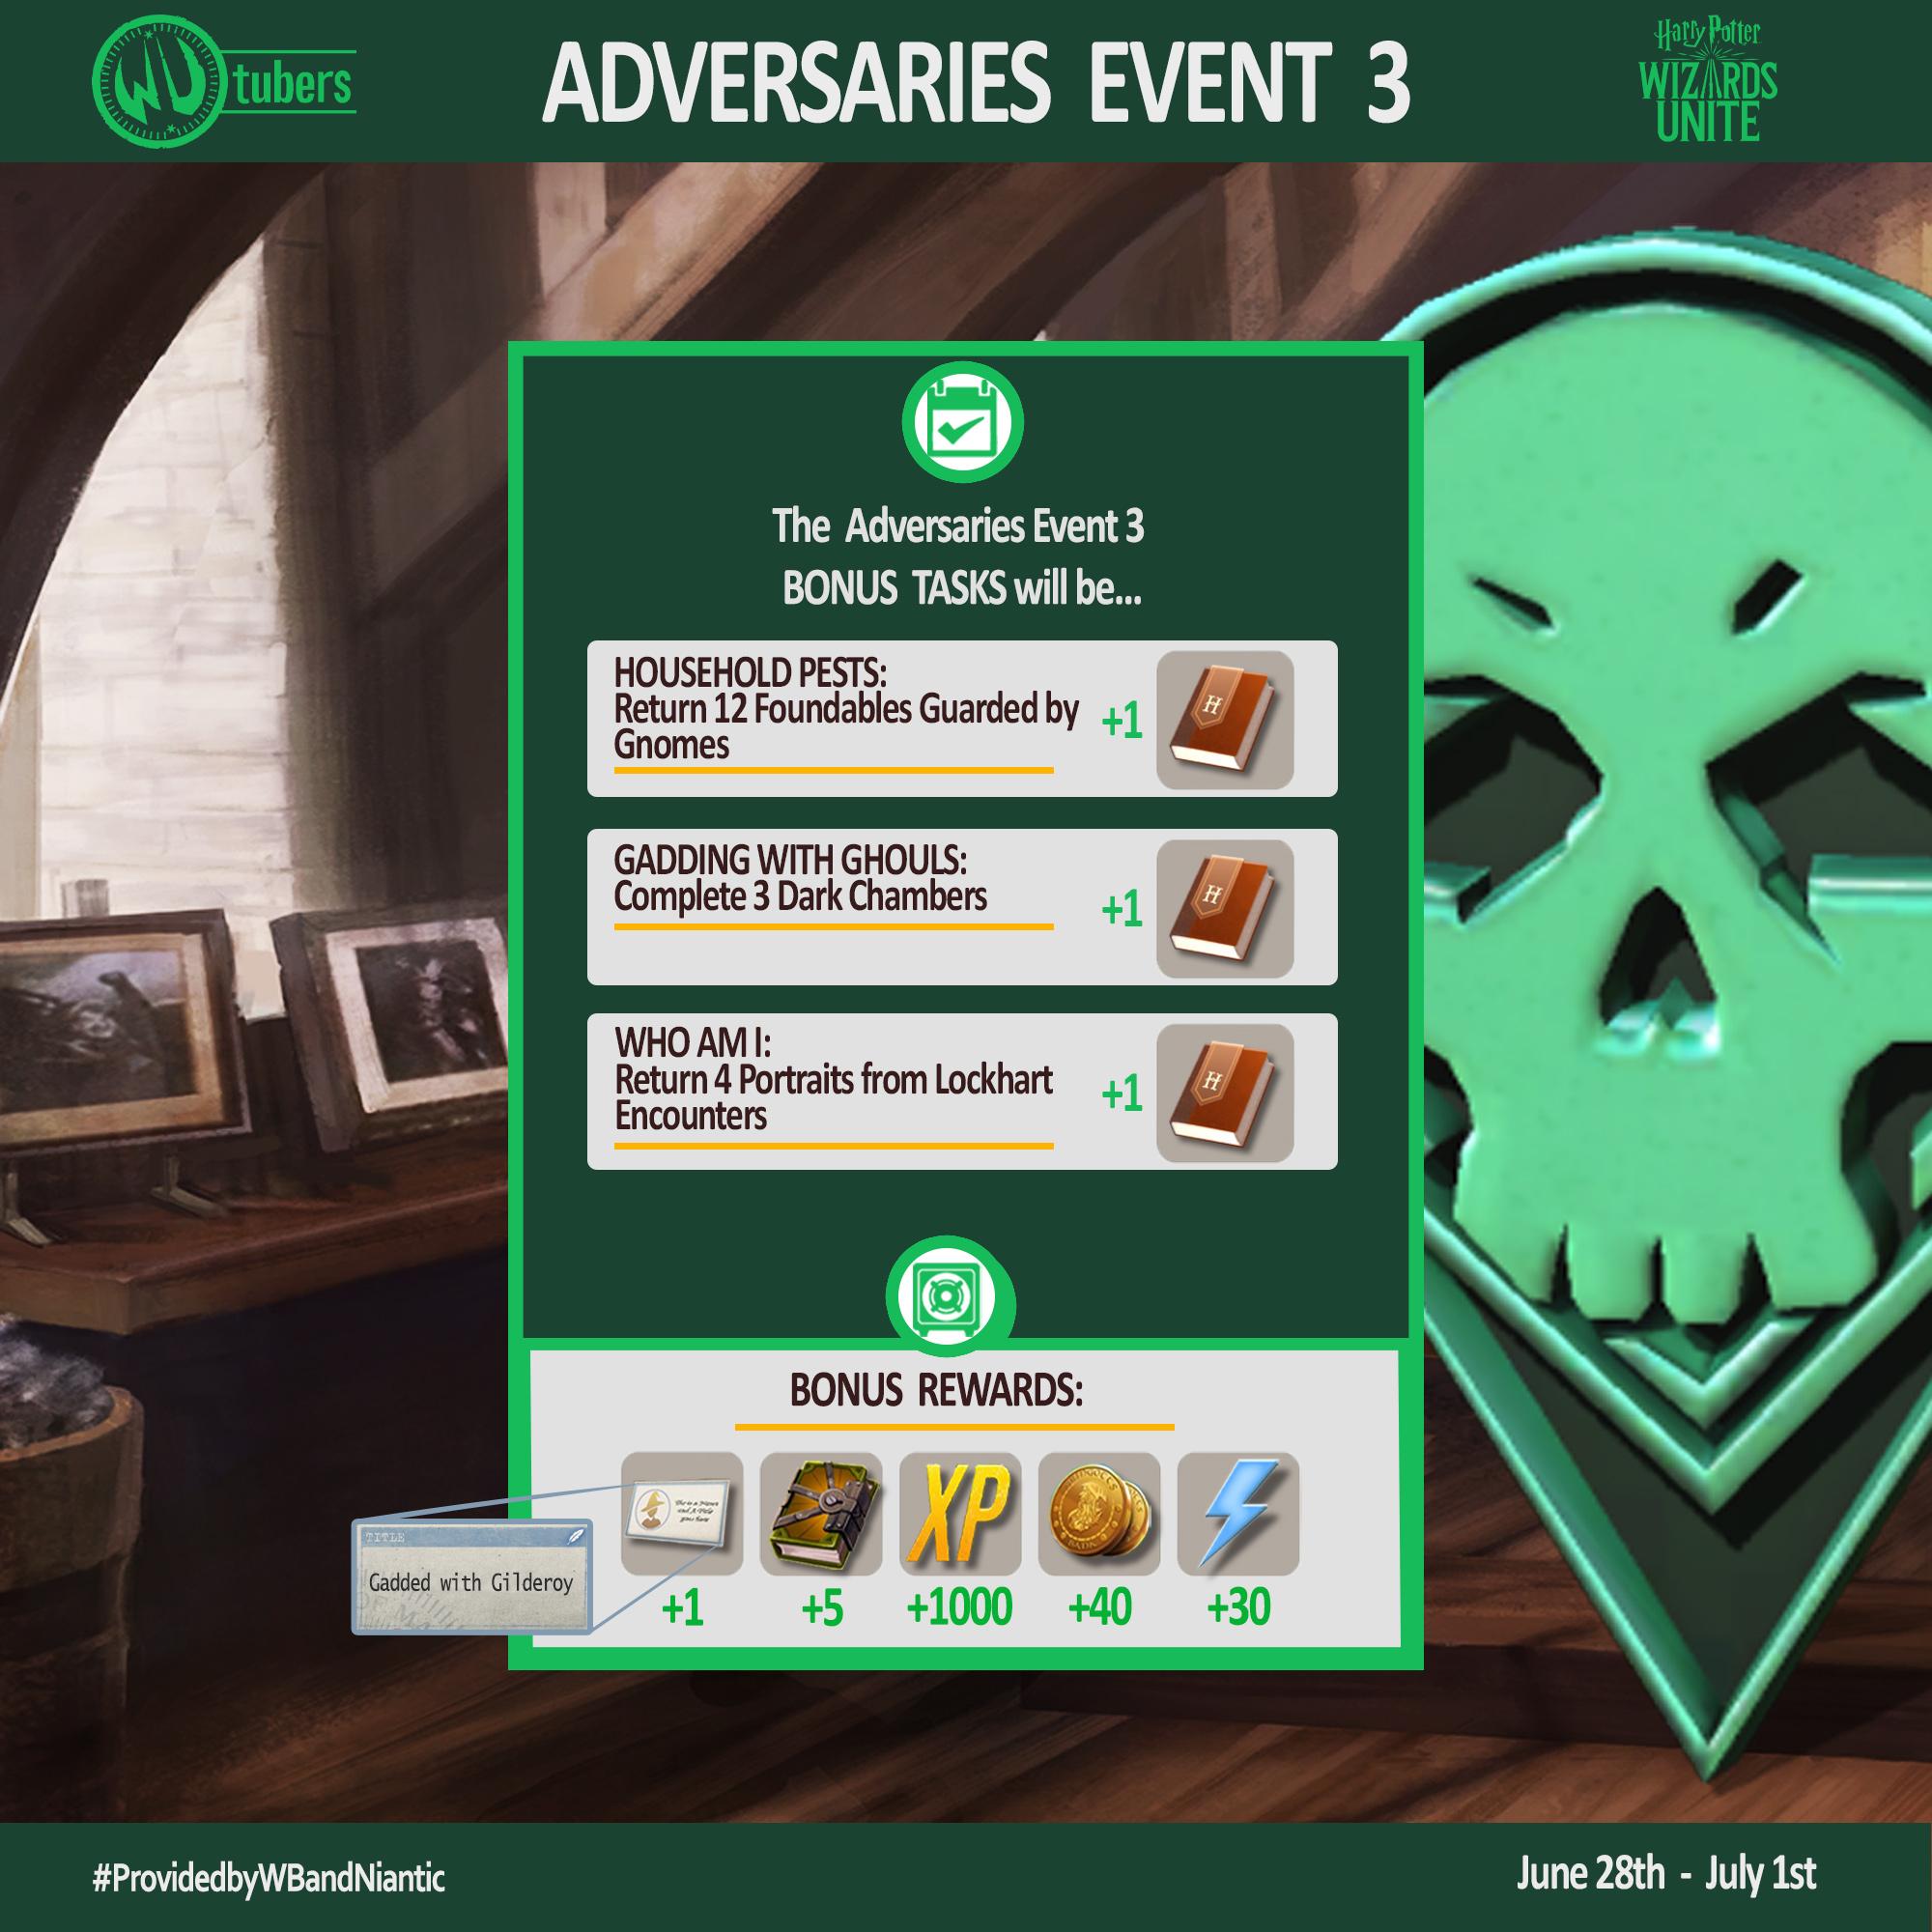 June_ADV_3_Tasks_Bonus.jpg